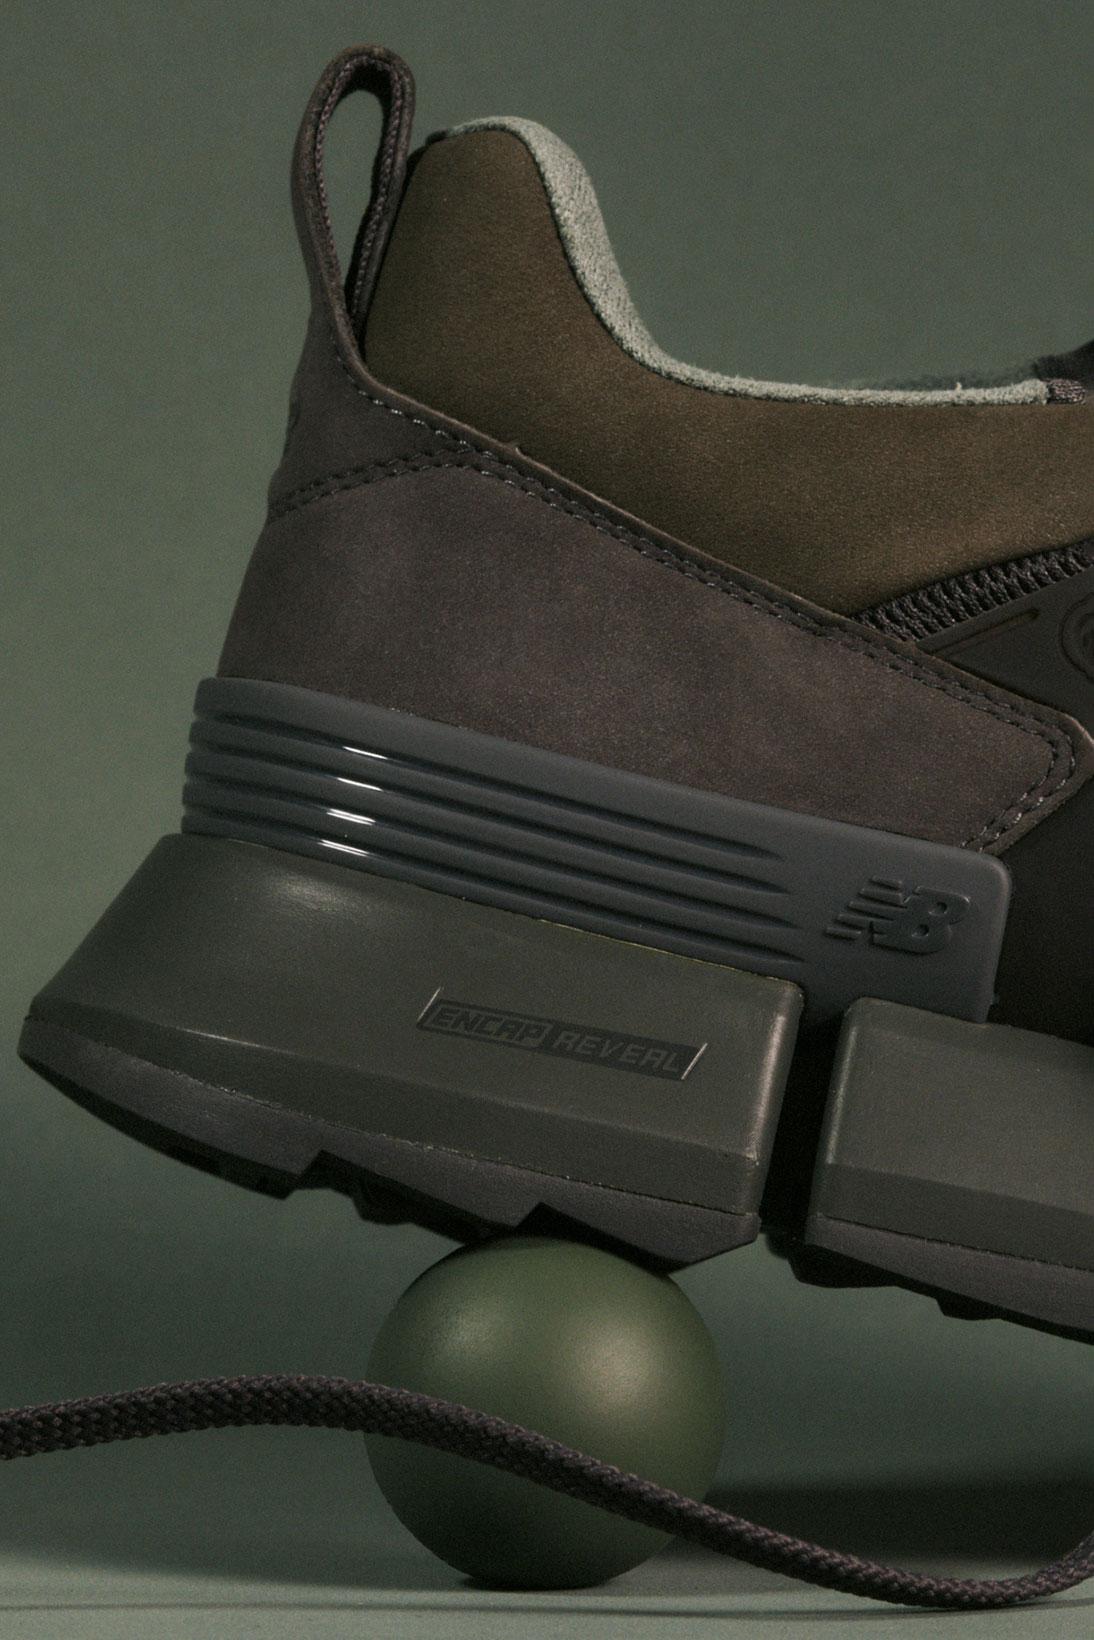 オーラリー × トーキョー デザイン スタジオ ニューバランス アールシー2/ ブラウン ブラック auralee-tokyo-design-studio-new-balance-rc-2-sneakers-collaboration-brown-black-look-2